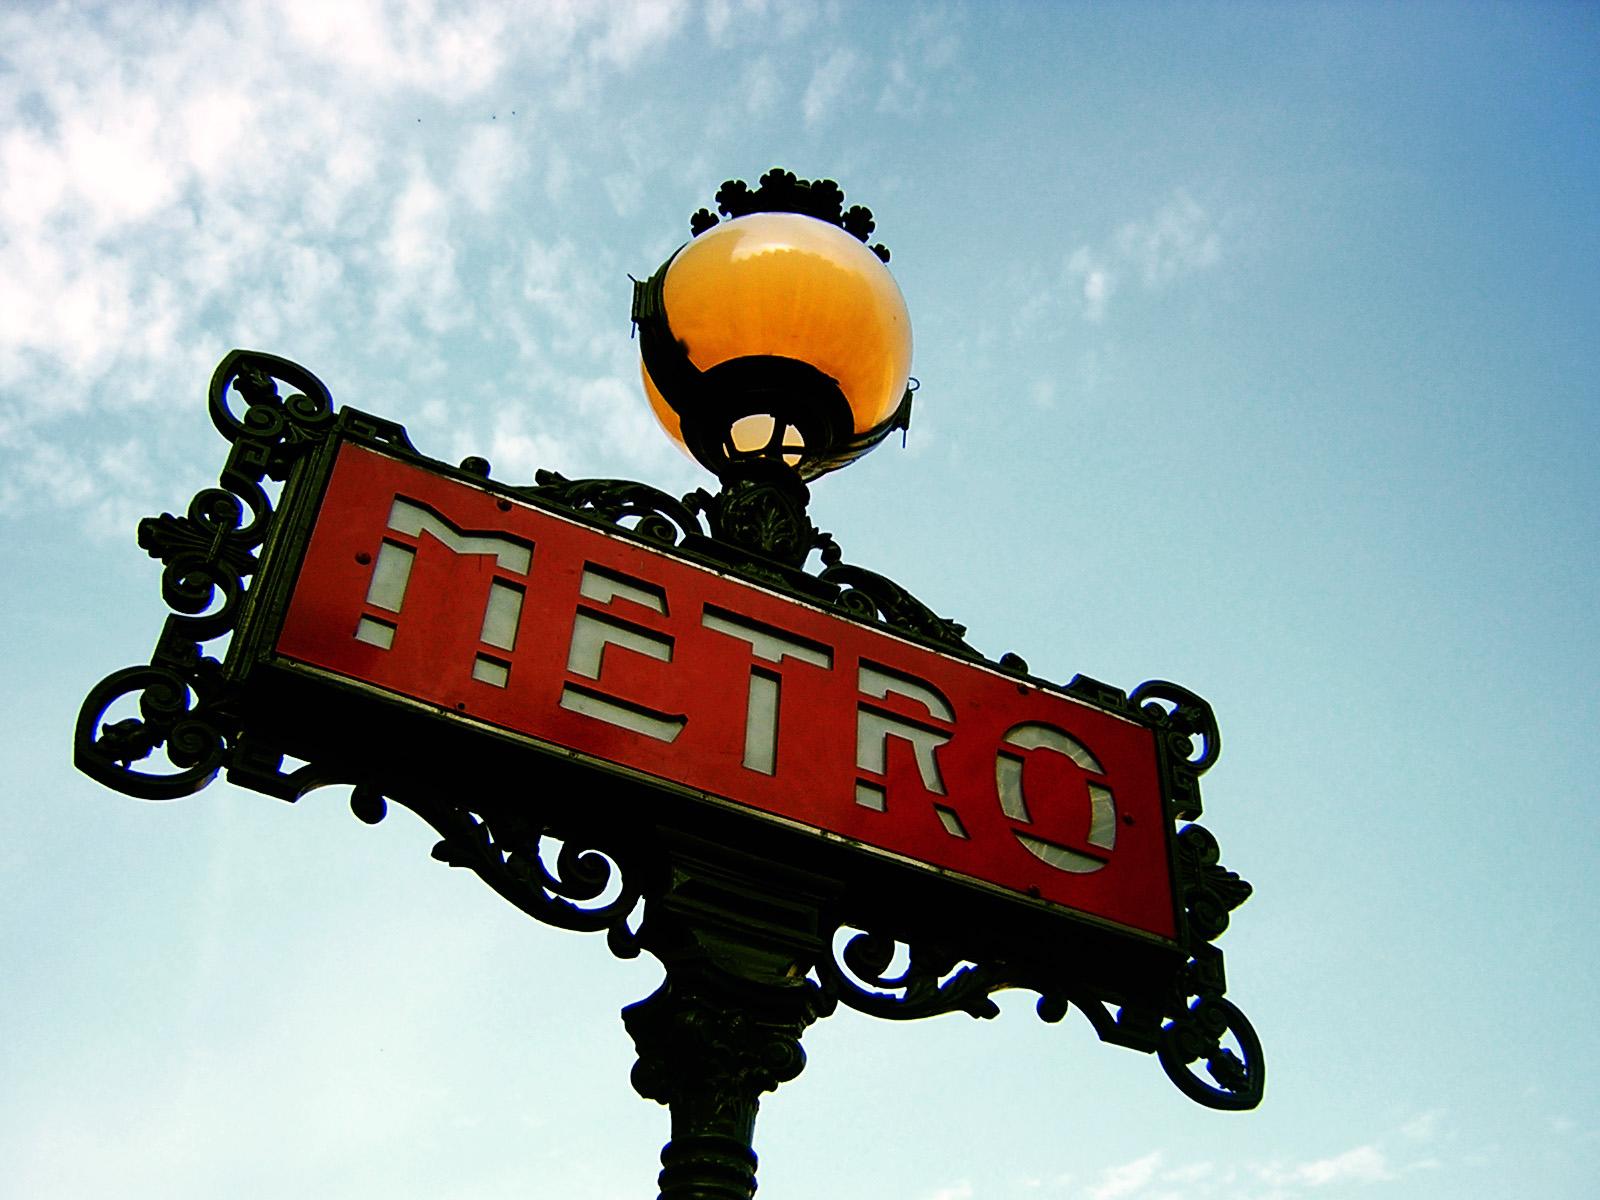 Mâts du métro de Paris